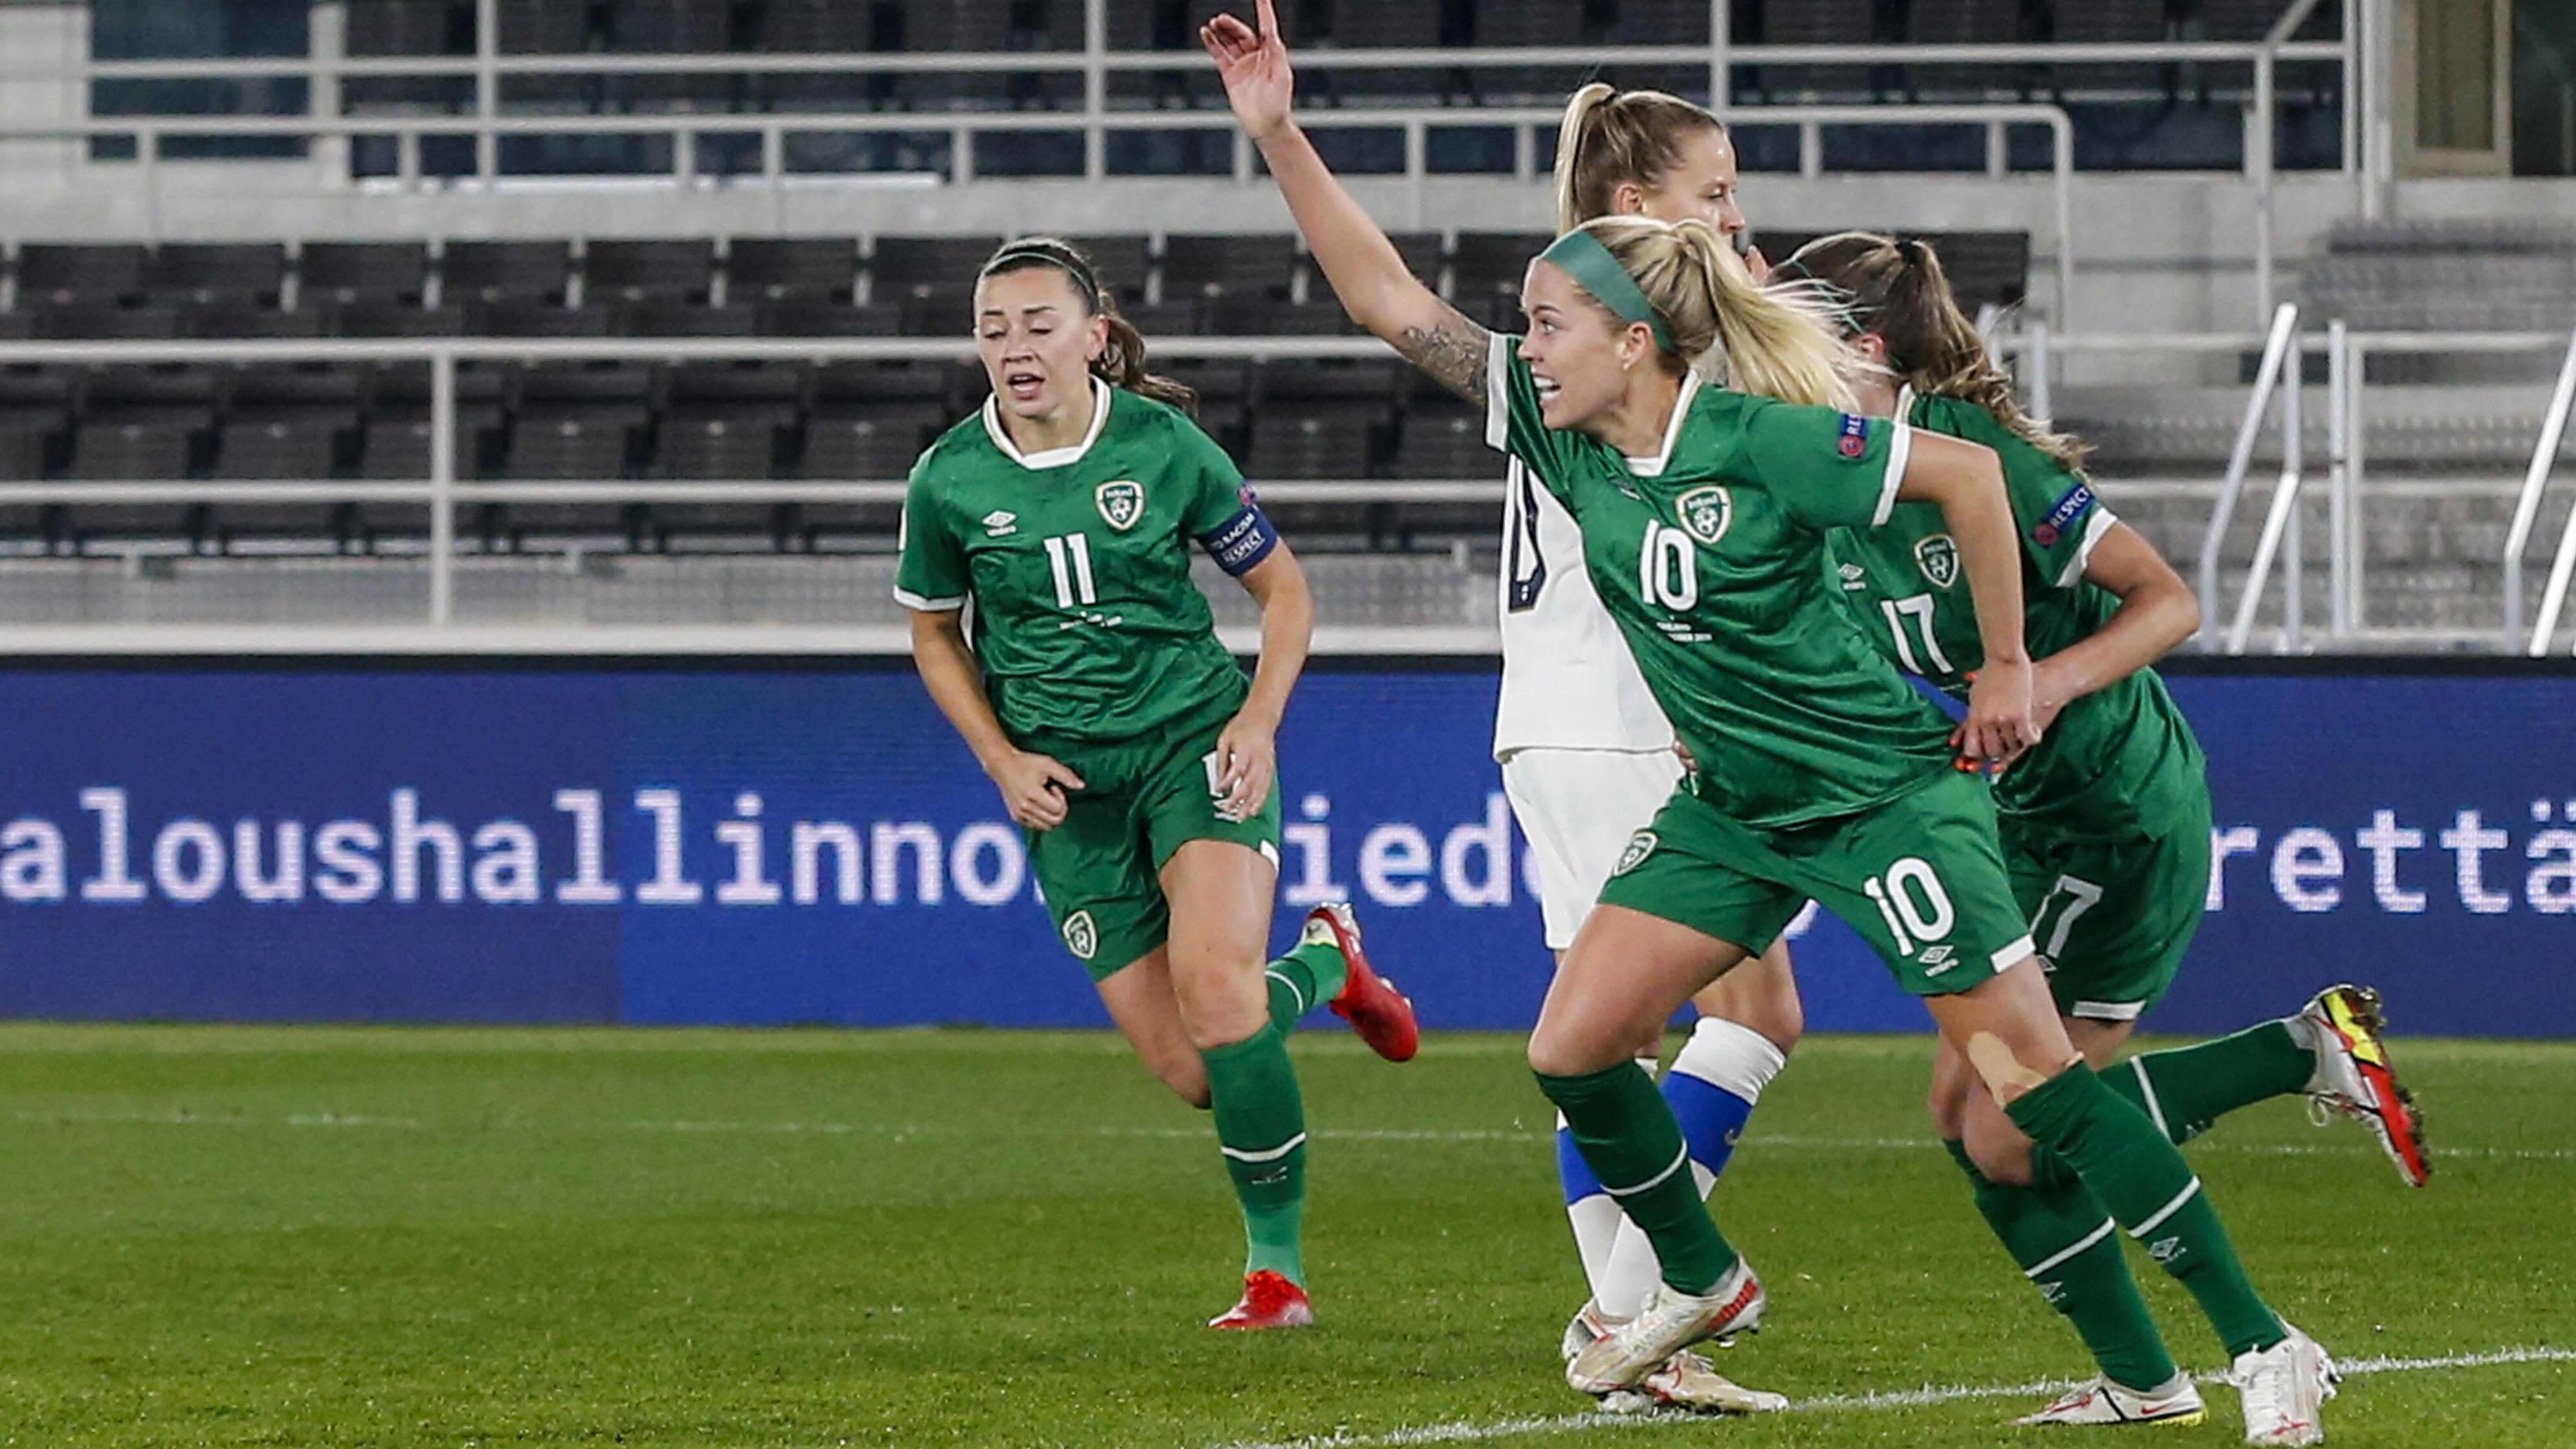 Irlannin numero 10 Denise O'Sullivan iski Irlannin 2–1-johtoon Olympiastadionilla MM-karsintaottelussa Suomea vastaan.